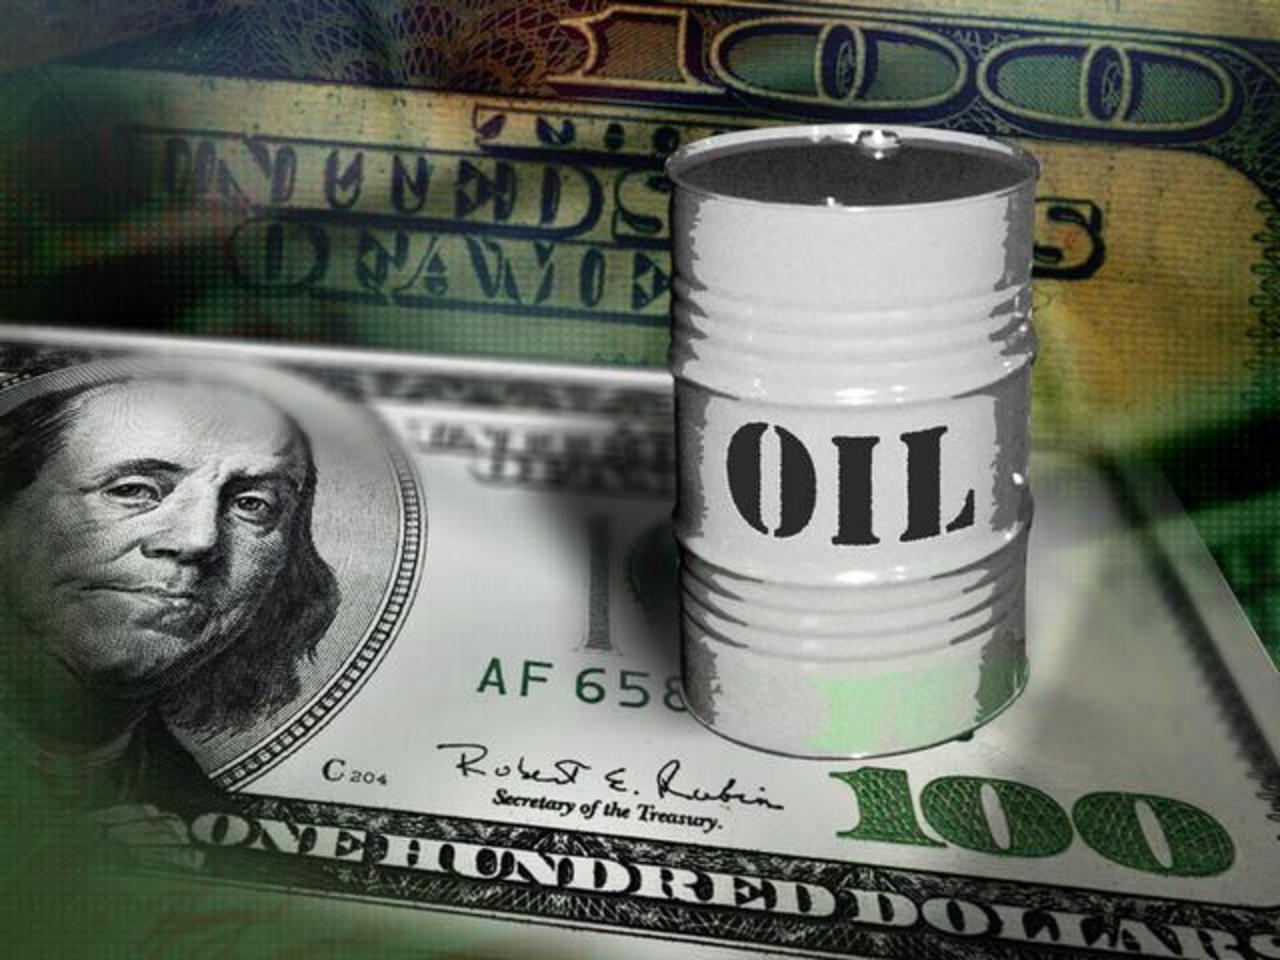 لاموازنة بدون صرفها.. نائبة : البترودولار حق مسلوب منذ أعوام